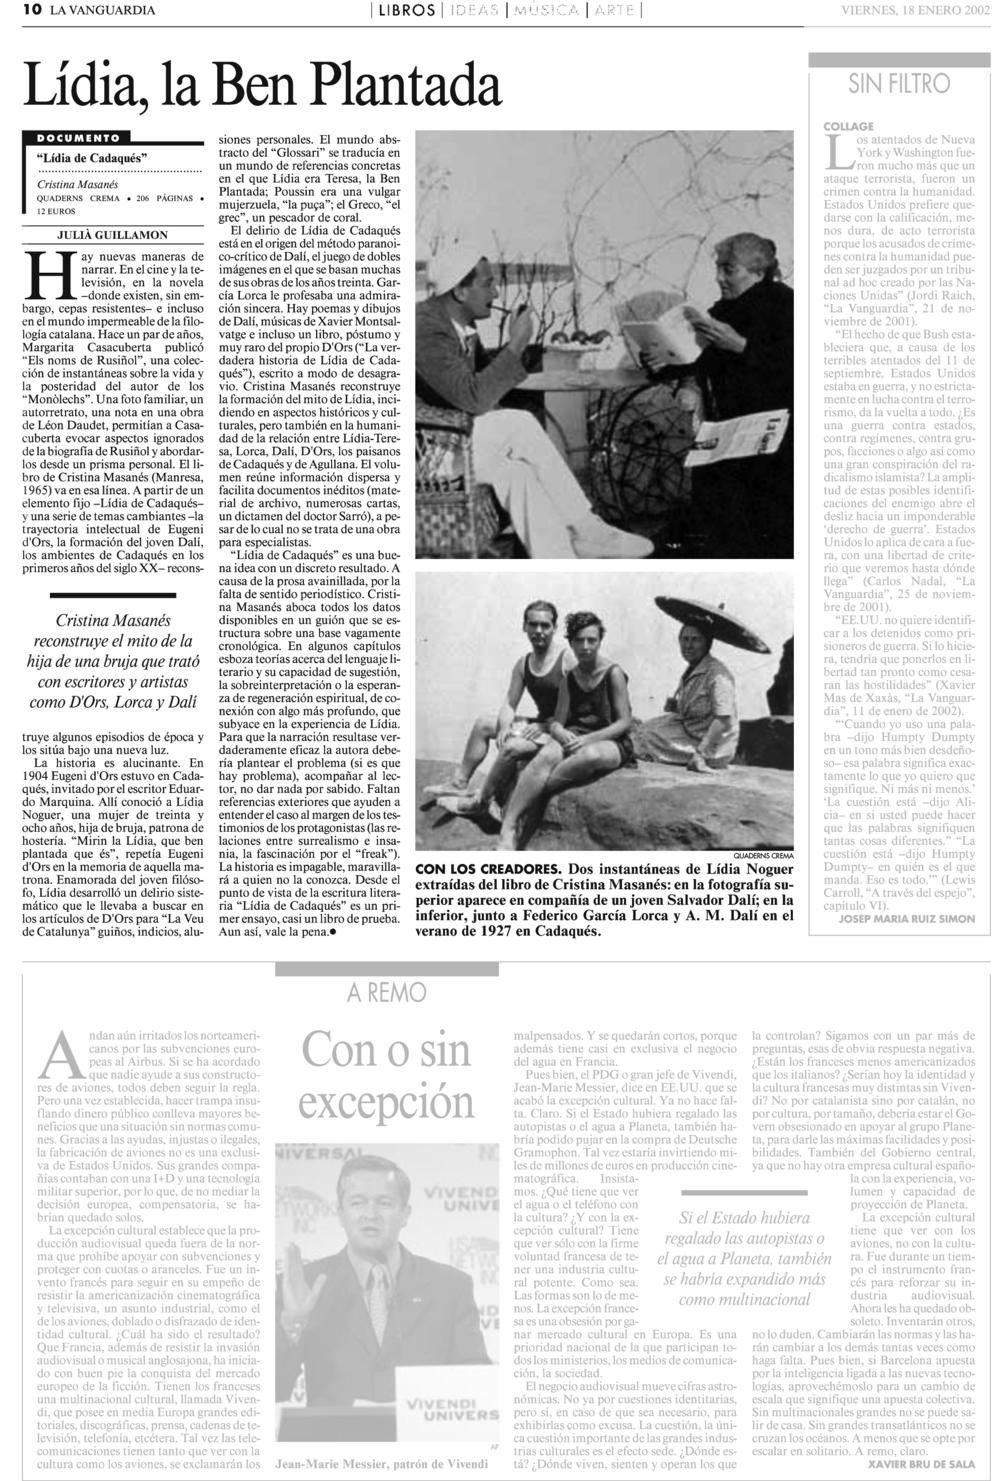 LídiaCadaques_VANG_JuliàGuillamon copia.jpg